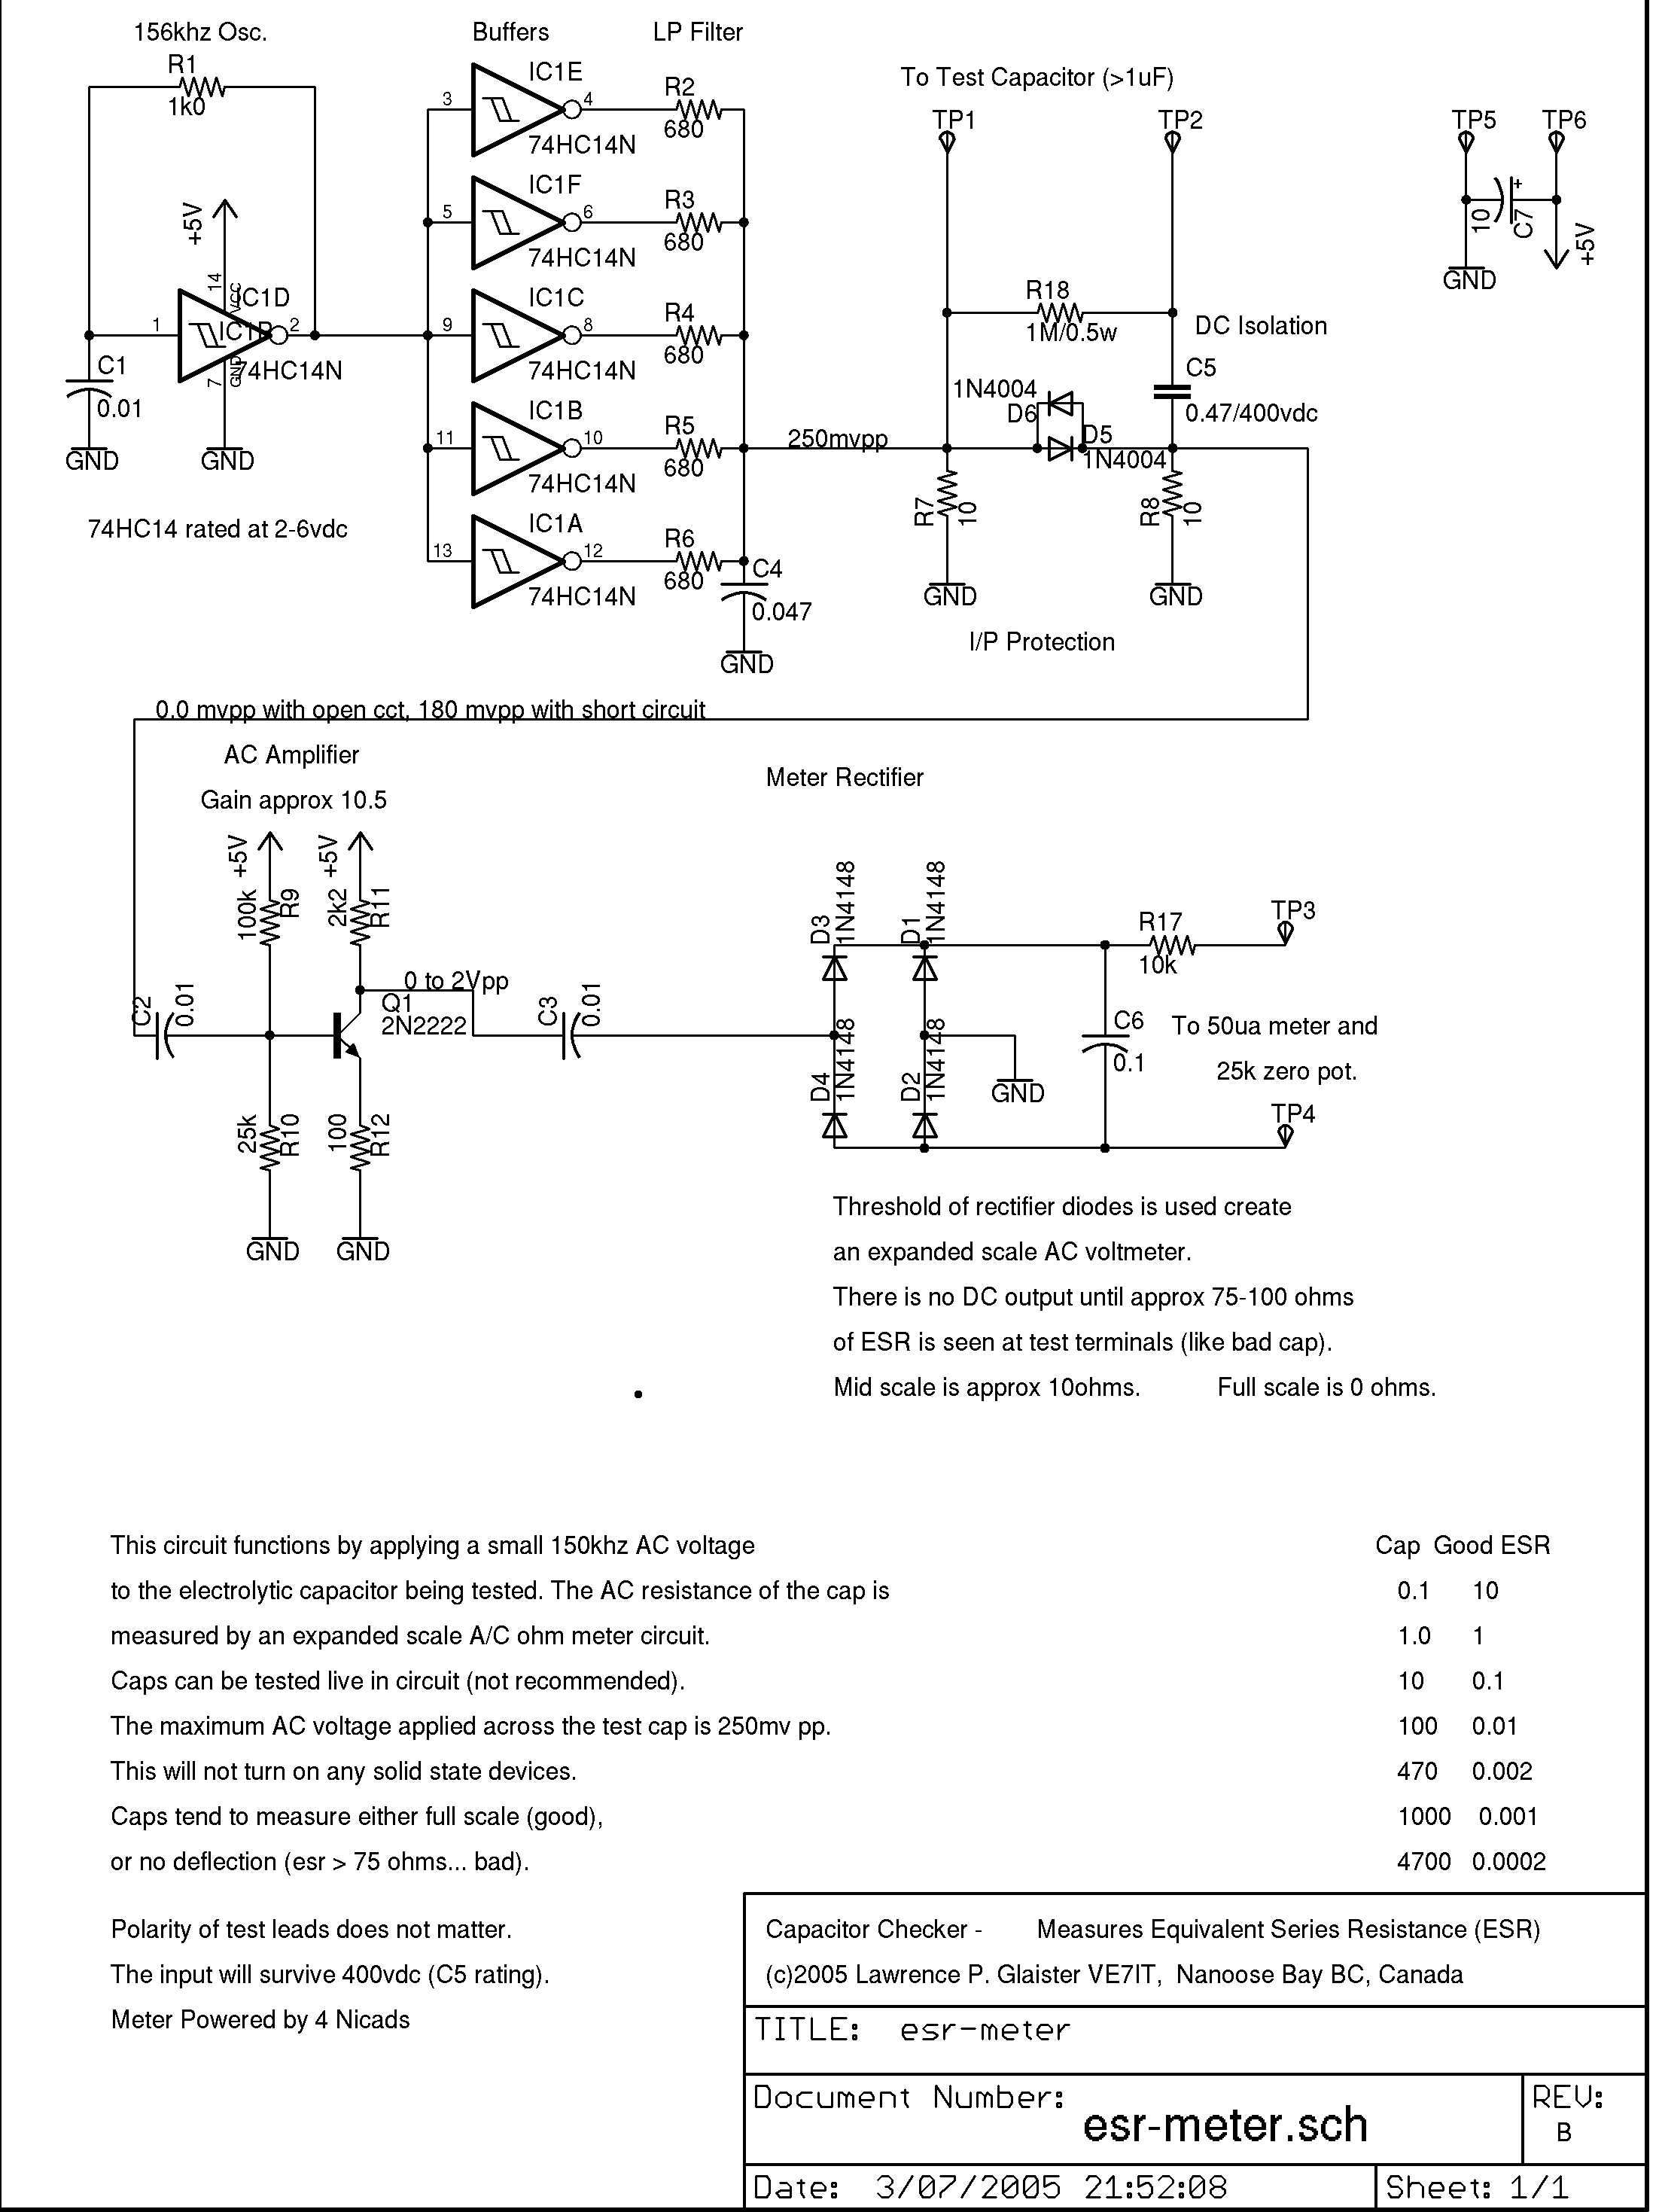 измеритель lcf схема